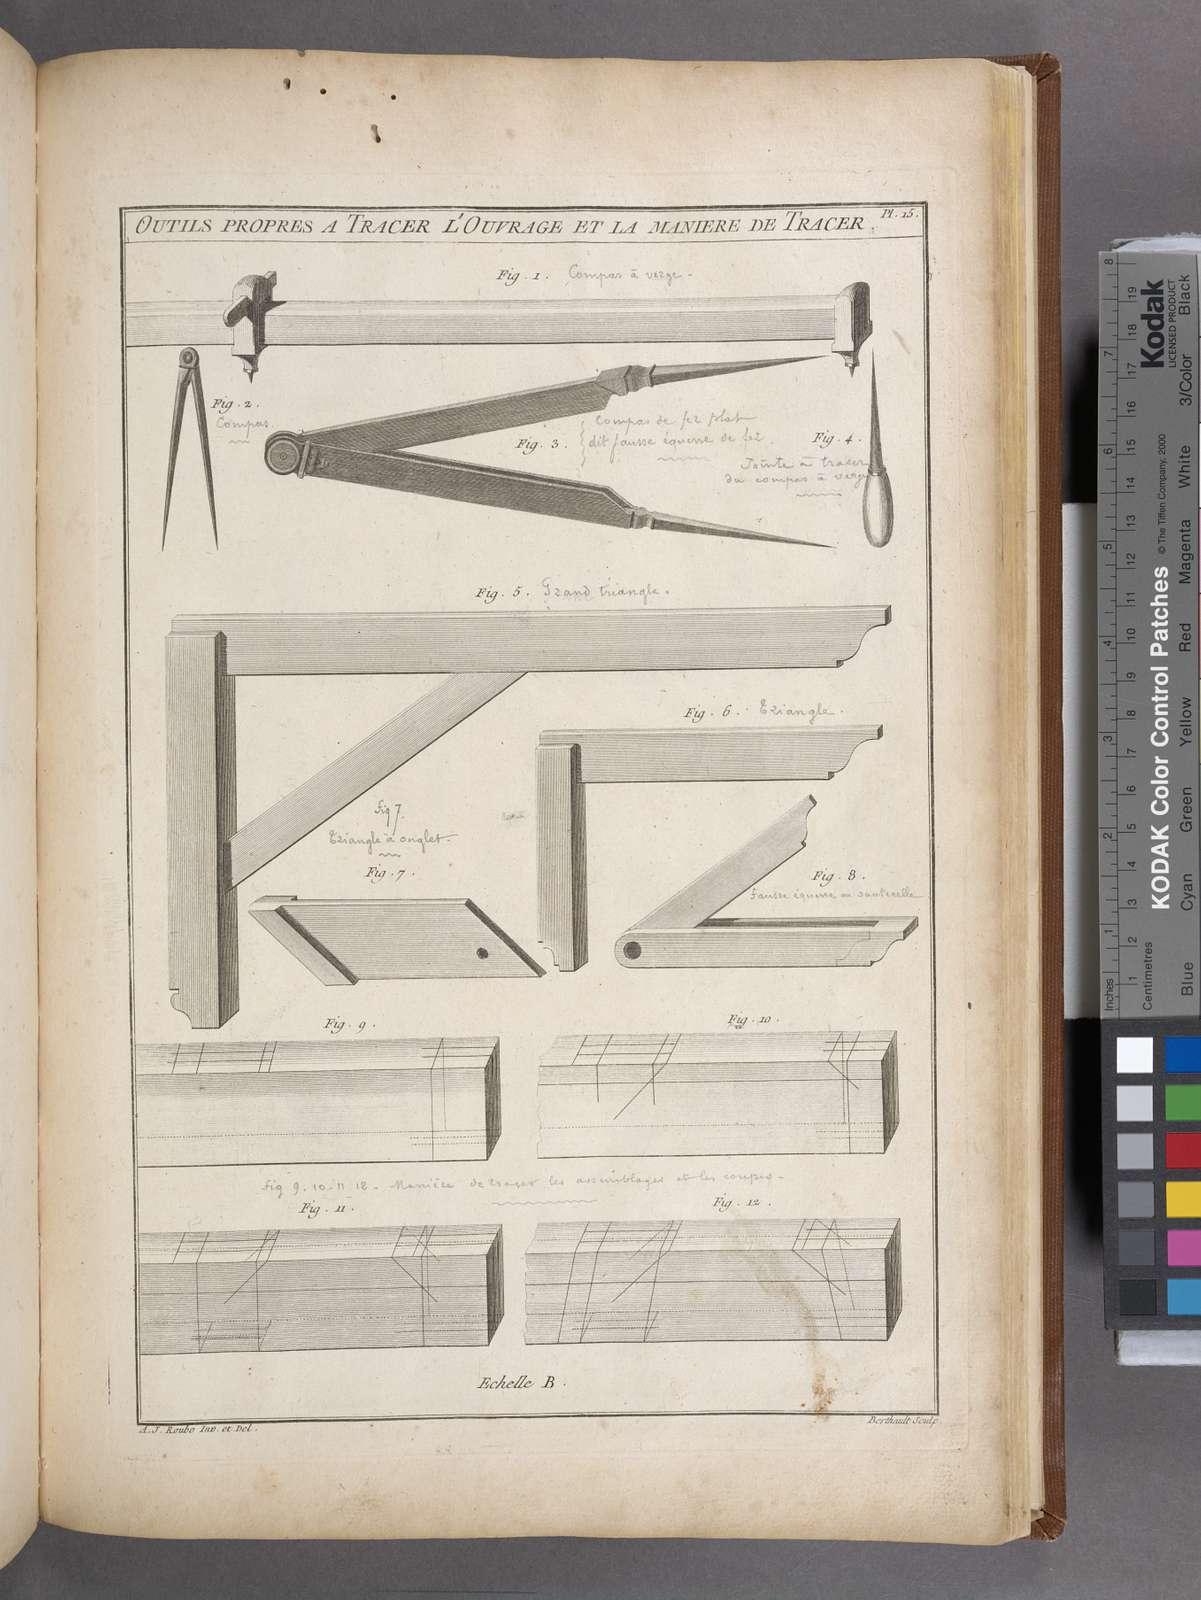 Outils propres a tracer l'ouvrage et la maniere de tracer.